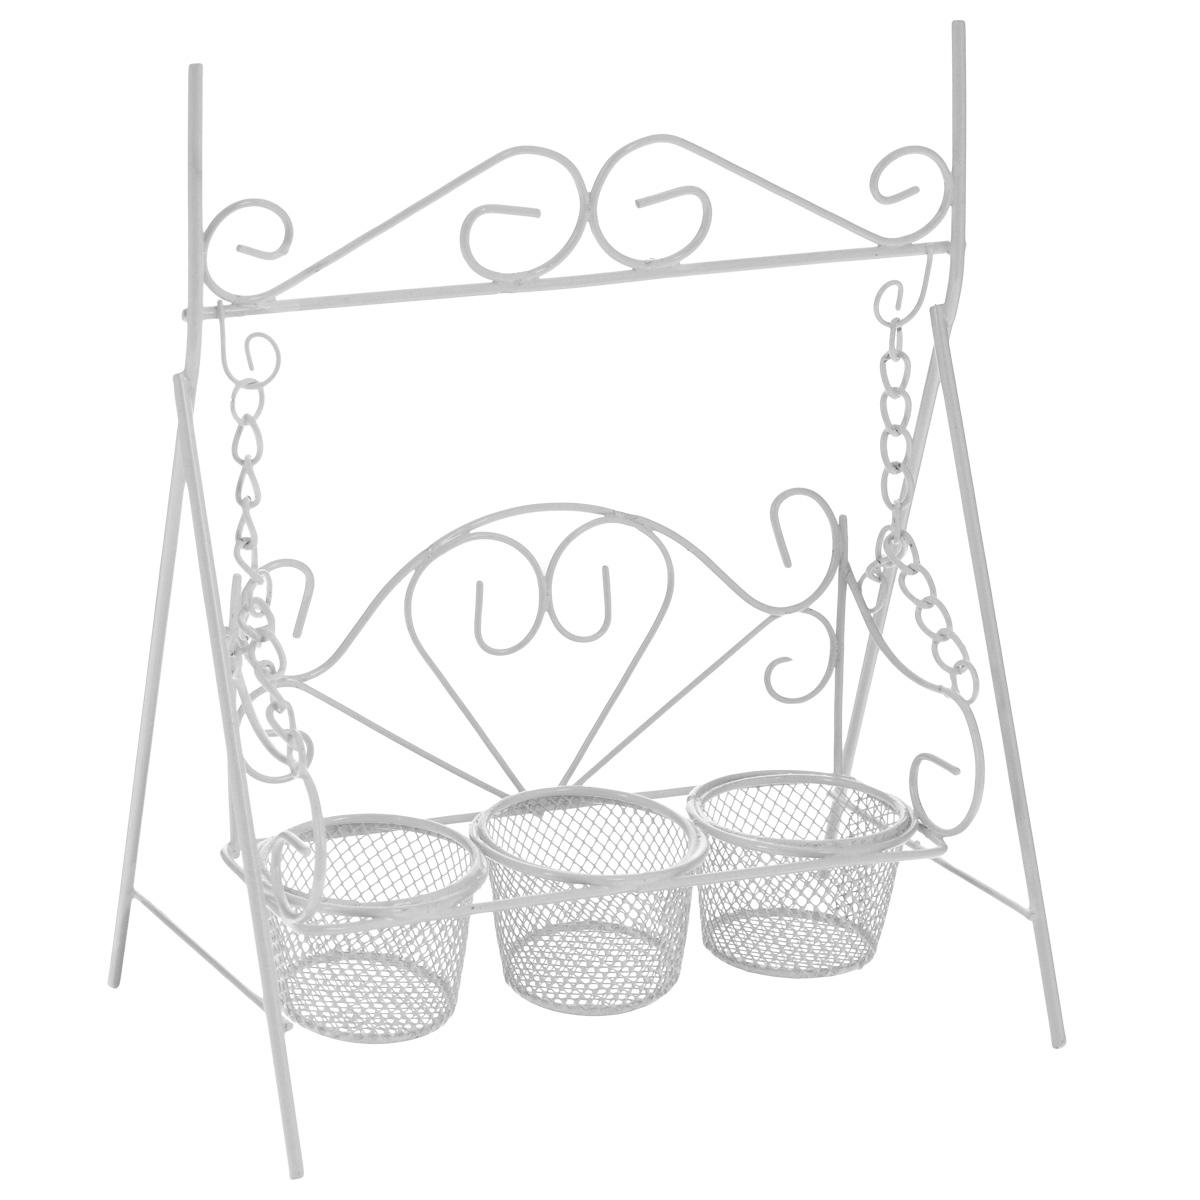 Подсвечник декоративный ScrapBerrys Качели, на 3 свечи, цвет: белый, 17,5 х 11 х 21 см54 009312Подсвечник ScrapBerrys Качели выполнен из высококачественного металла и предназначен для трех чайных свечей. Подсвечник выполнен в виде небольших декоративных качелей. Изделие украшено изящными коваными узорами. Такой подсвечник подойдет для декора интерьера дома или офиса. Кроме того - это отличный вариант подарка для ваших близких и друзей.Размер подсвечника: 17,5 см х 11 см х 21 см.Диаметр отверстия для свечи: 4 см.